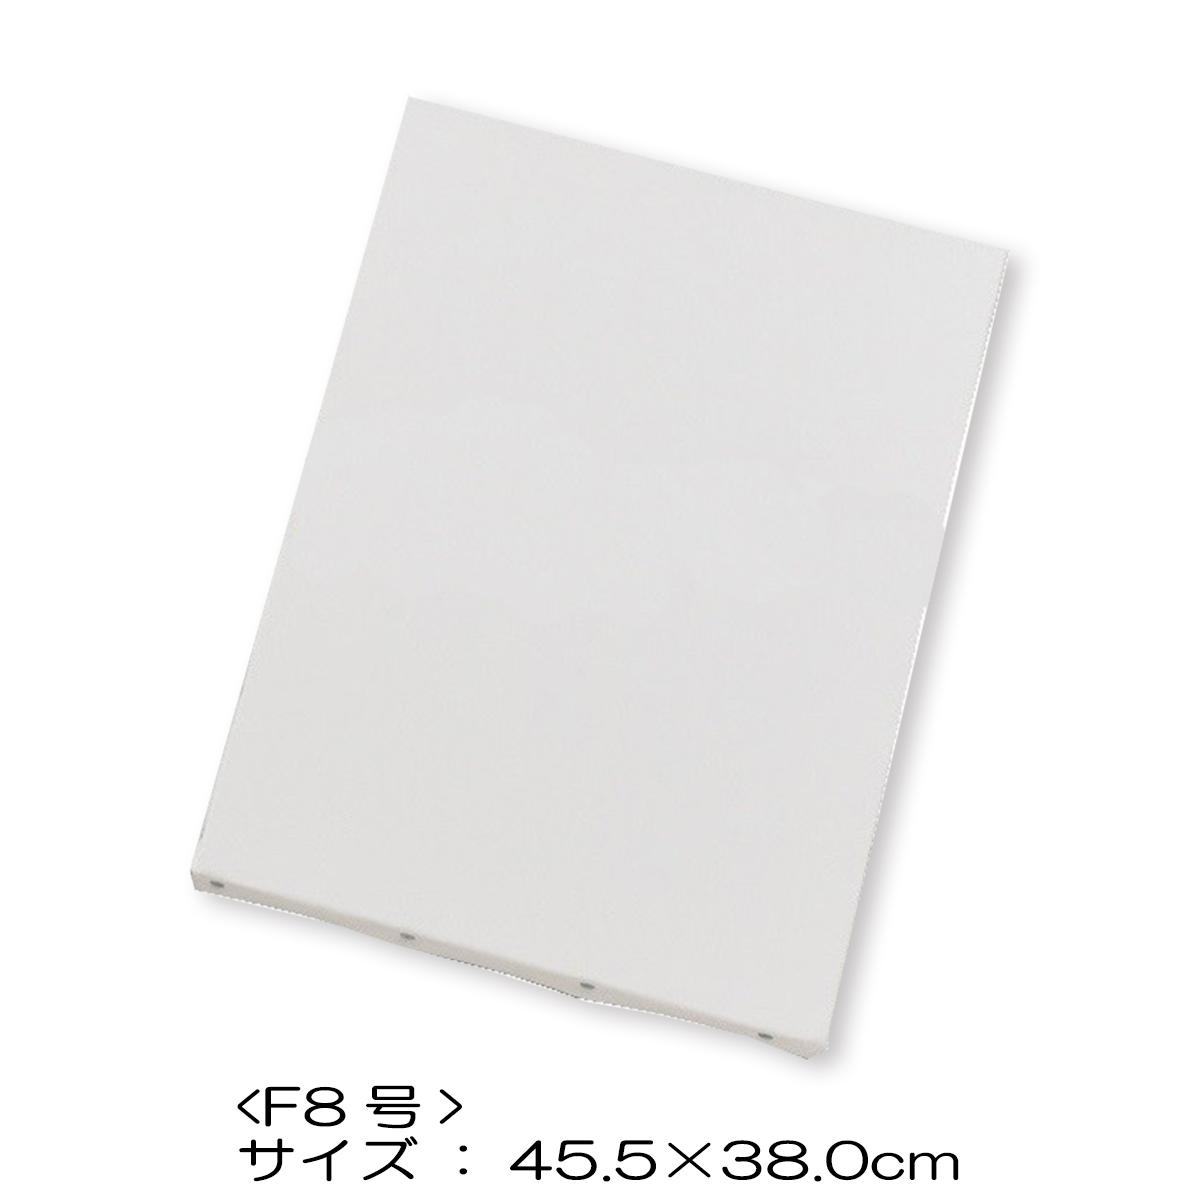 サイズいろいろ 油彩画を楽しもう 張りキャンバス F8号 ポリエステル35% 綿65% 流行のアイテム 中目 ポリエステル 市場 ボード 油絵 キャンバス 油彩画 絵画 綿